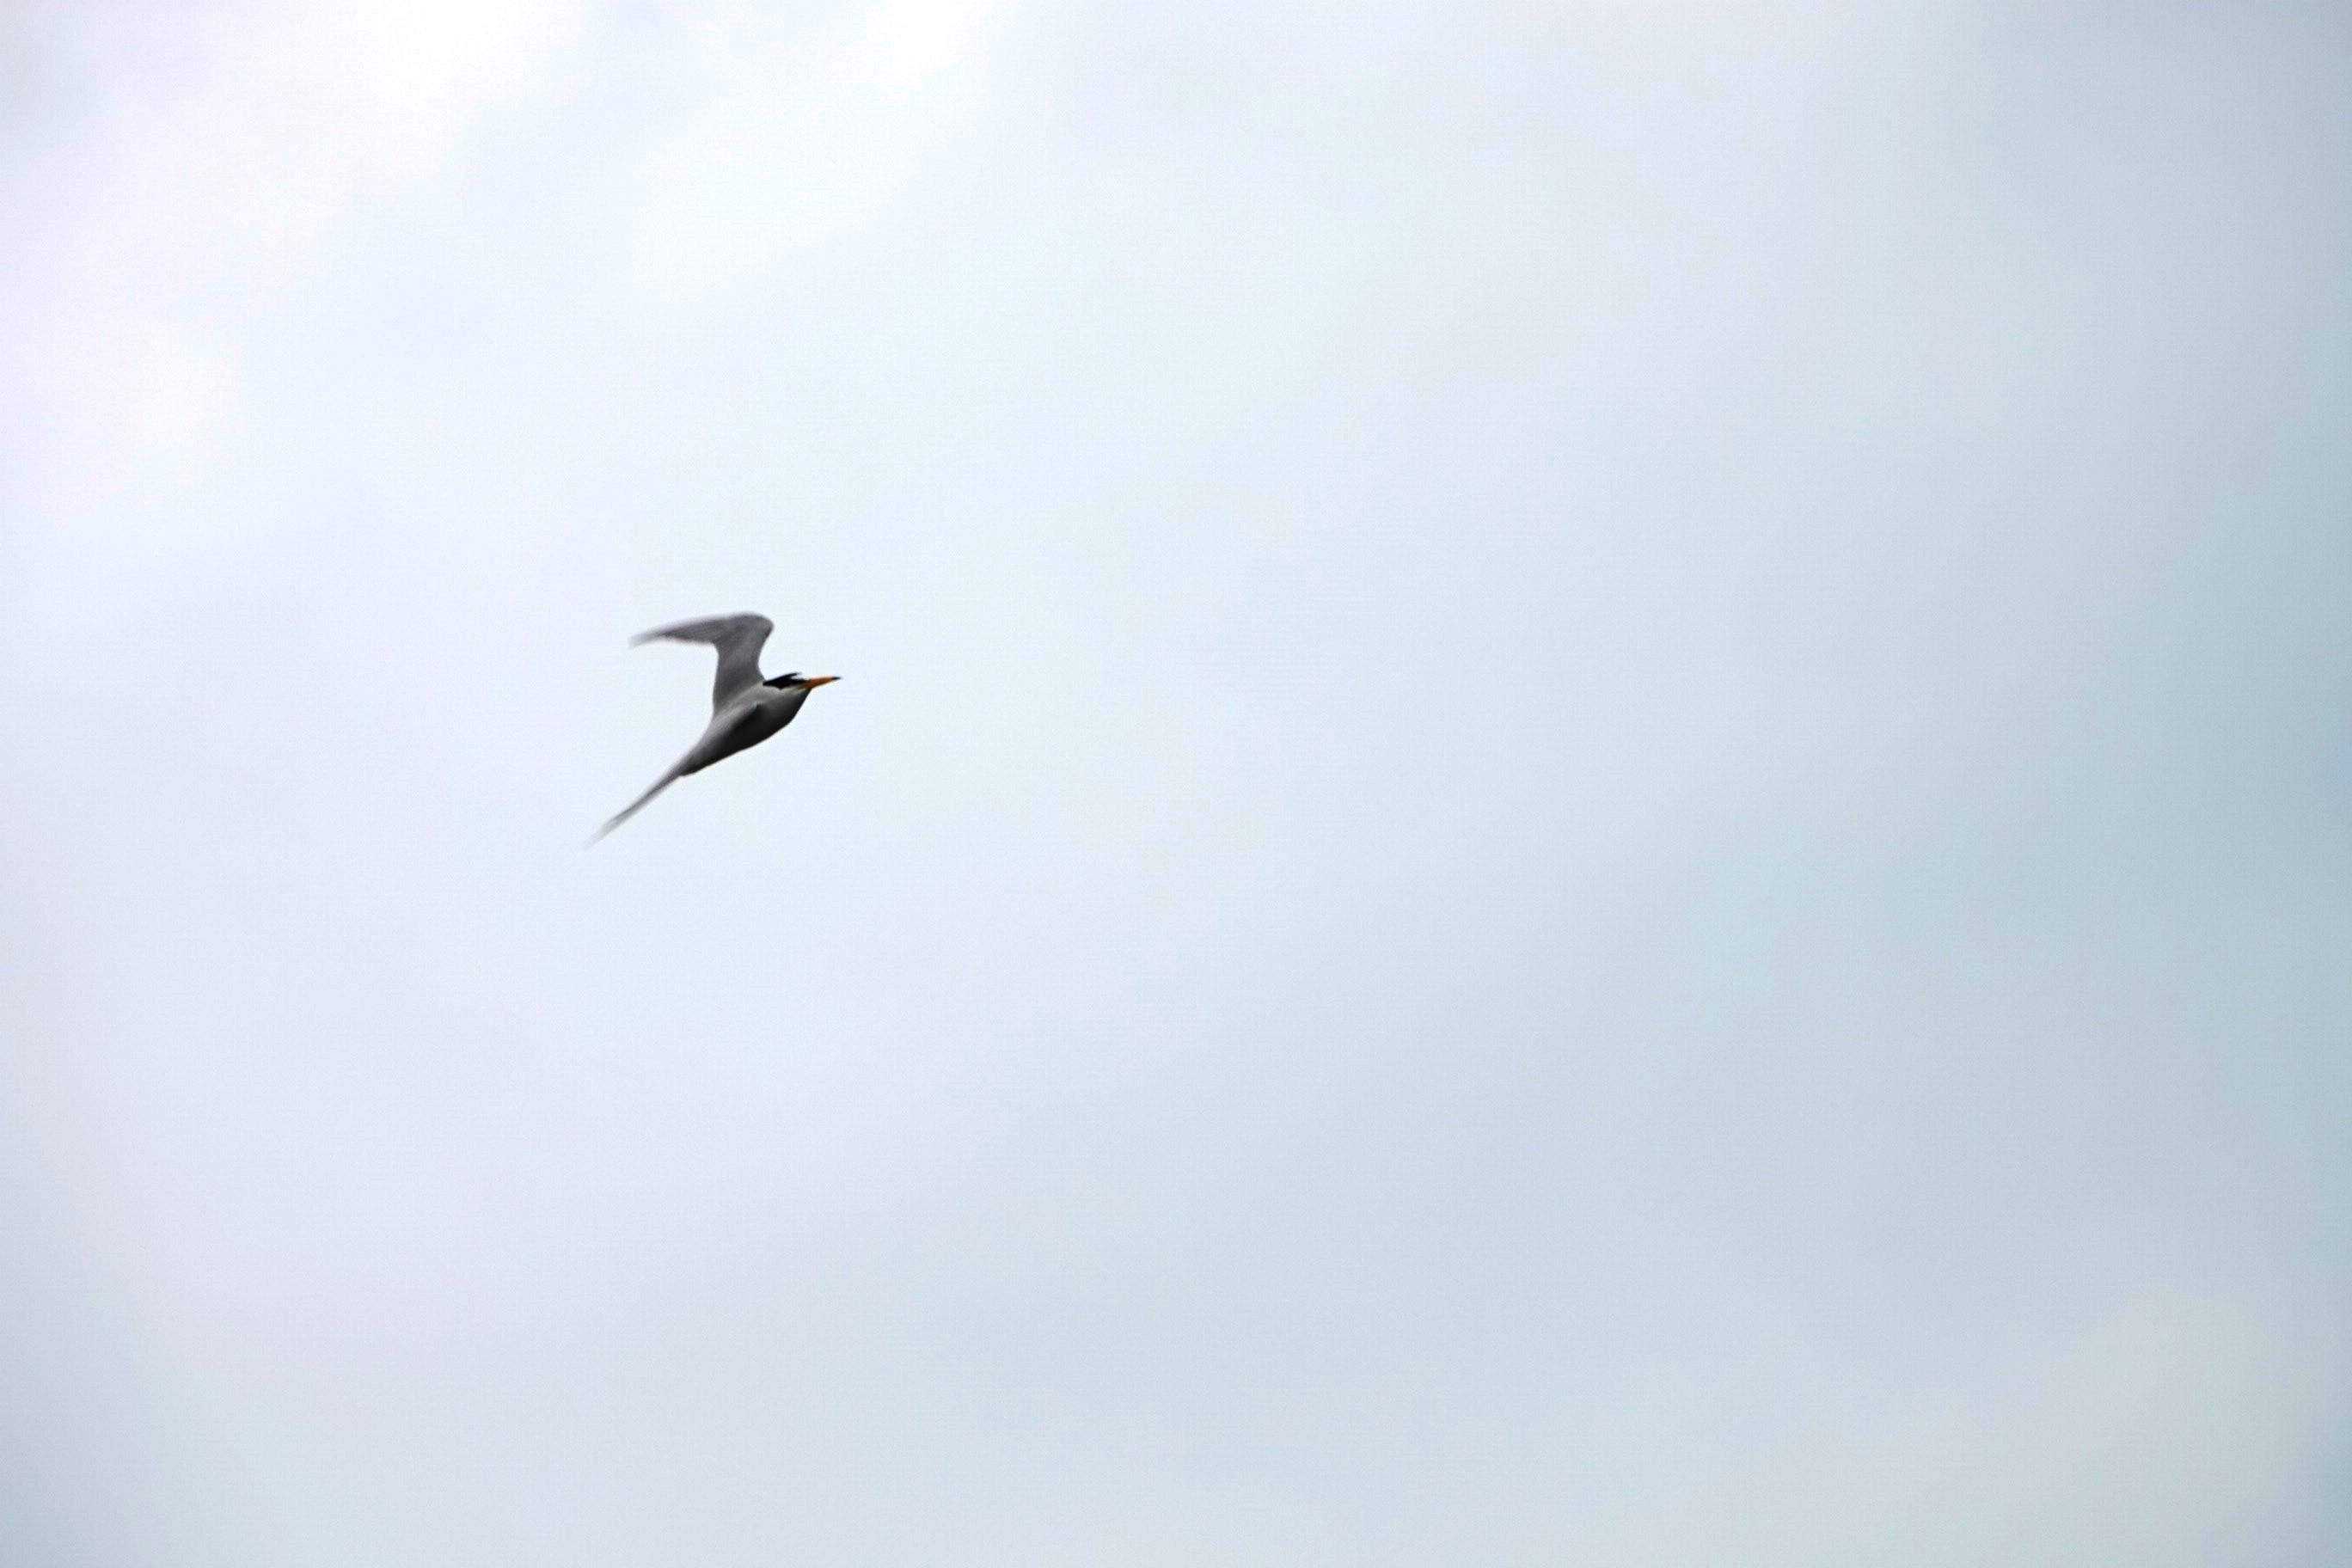 野鳥トレ 209 コアジサシ_b0227552_19415444.jpg